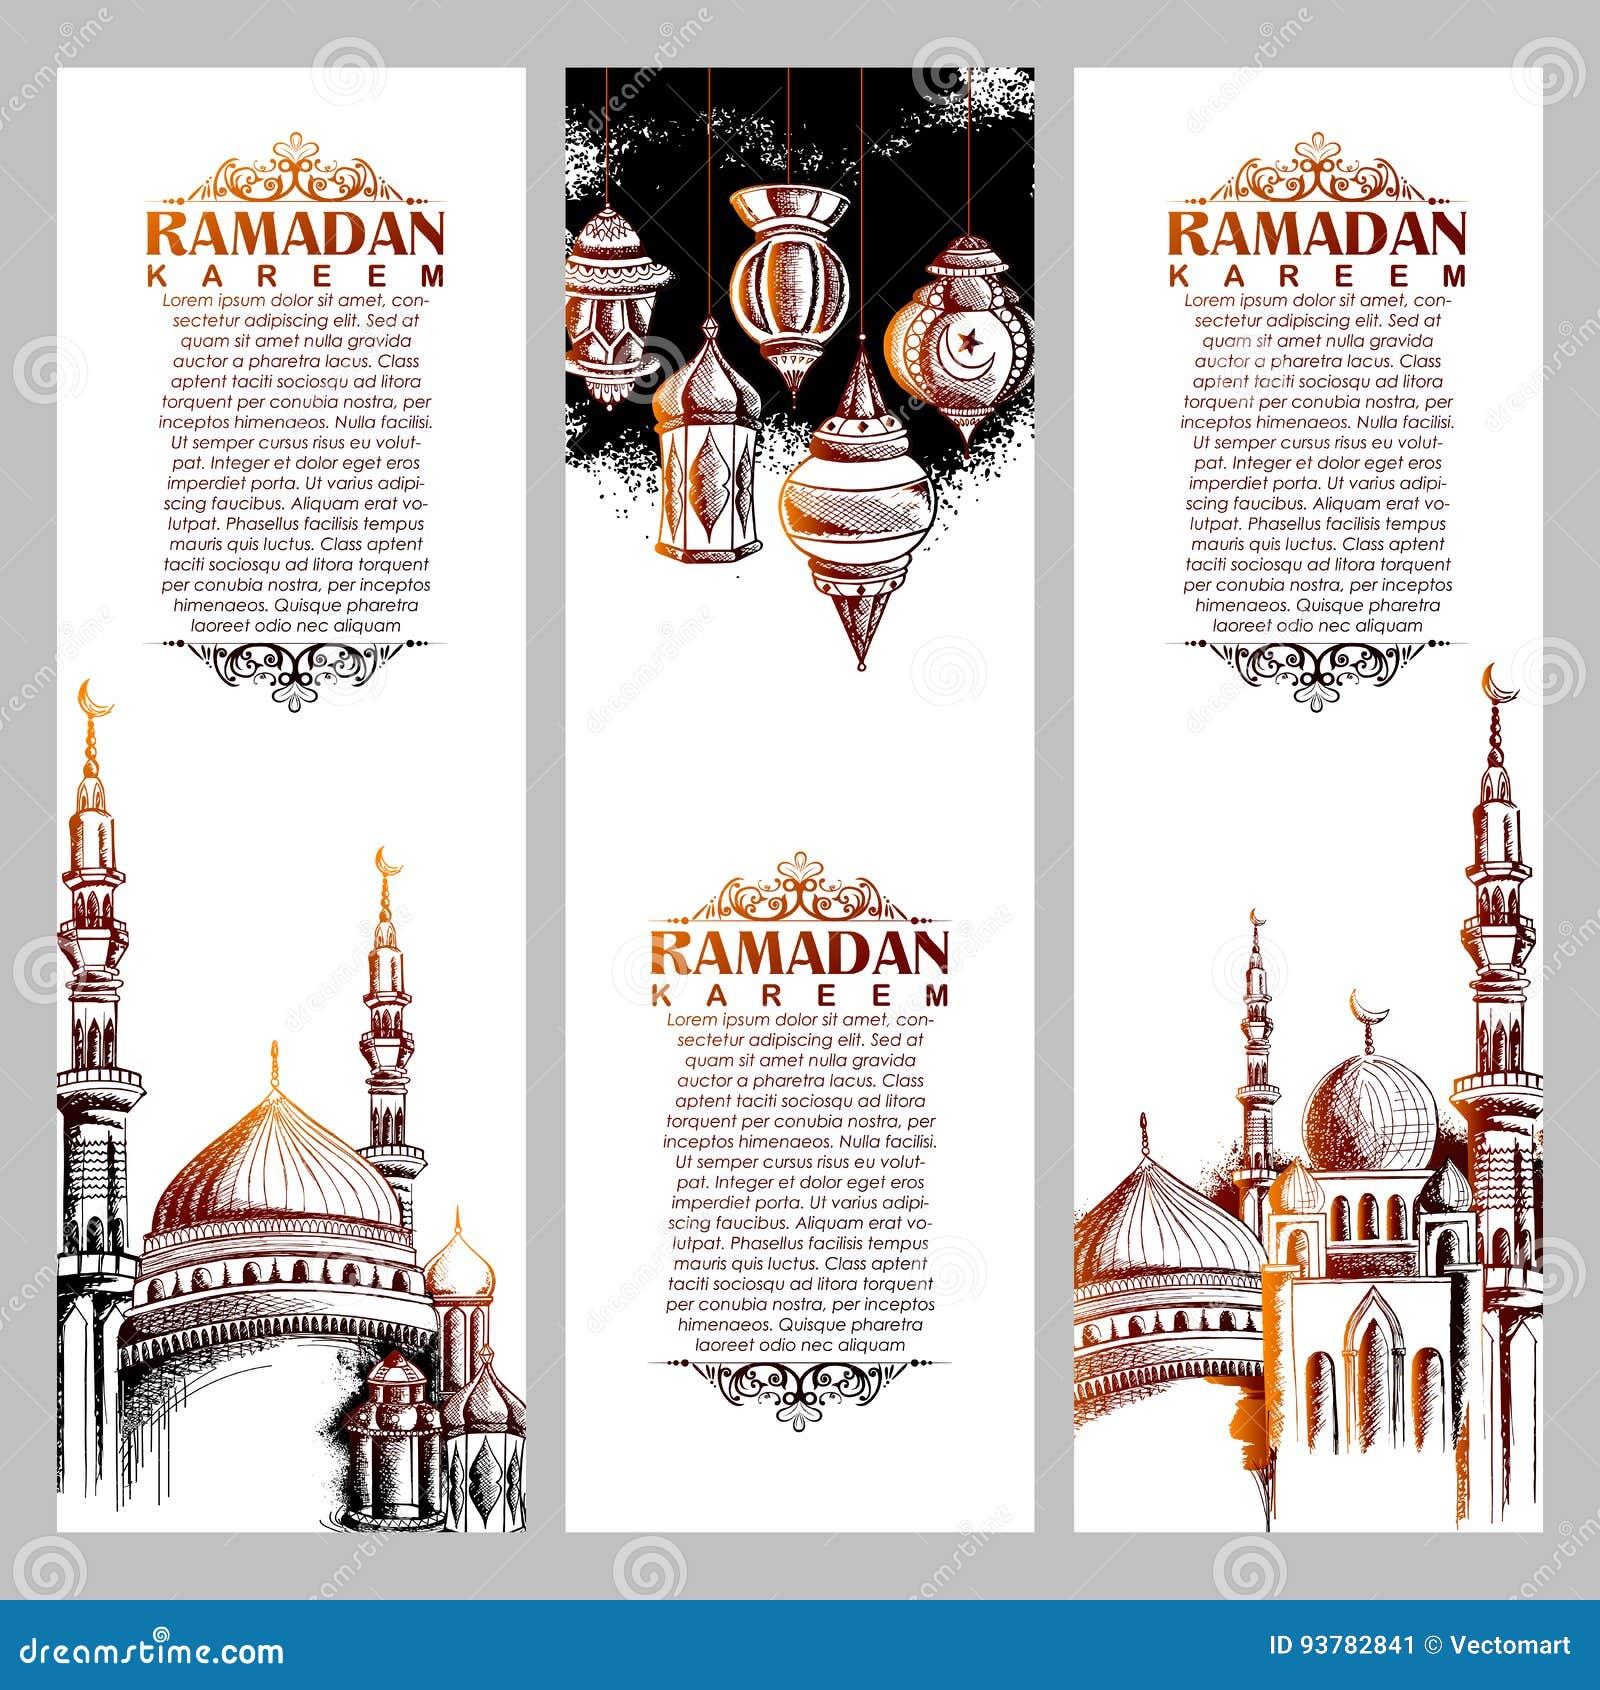 Ramadan kareem generous ramadan greetings in arabic freehand with ramadan kareem generous ramadan greetings in arabic freehand with mosque kristyandbryce Images